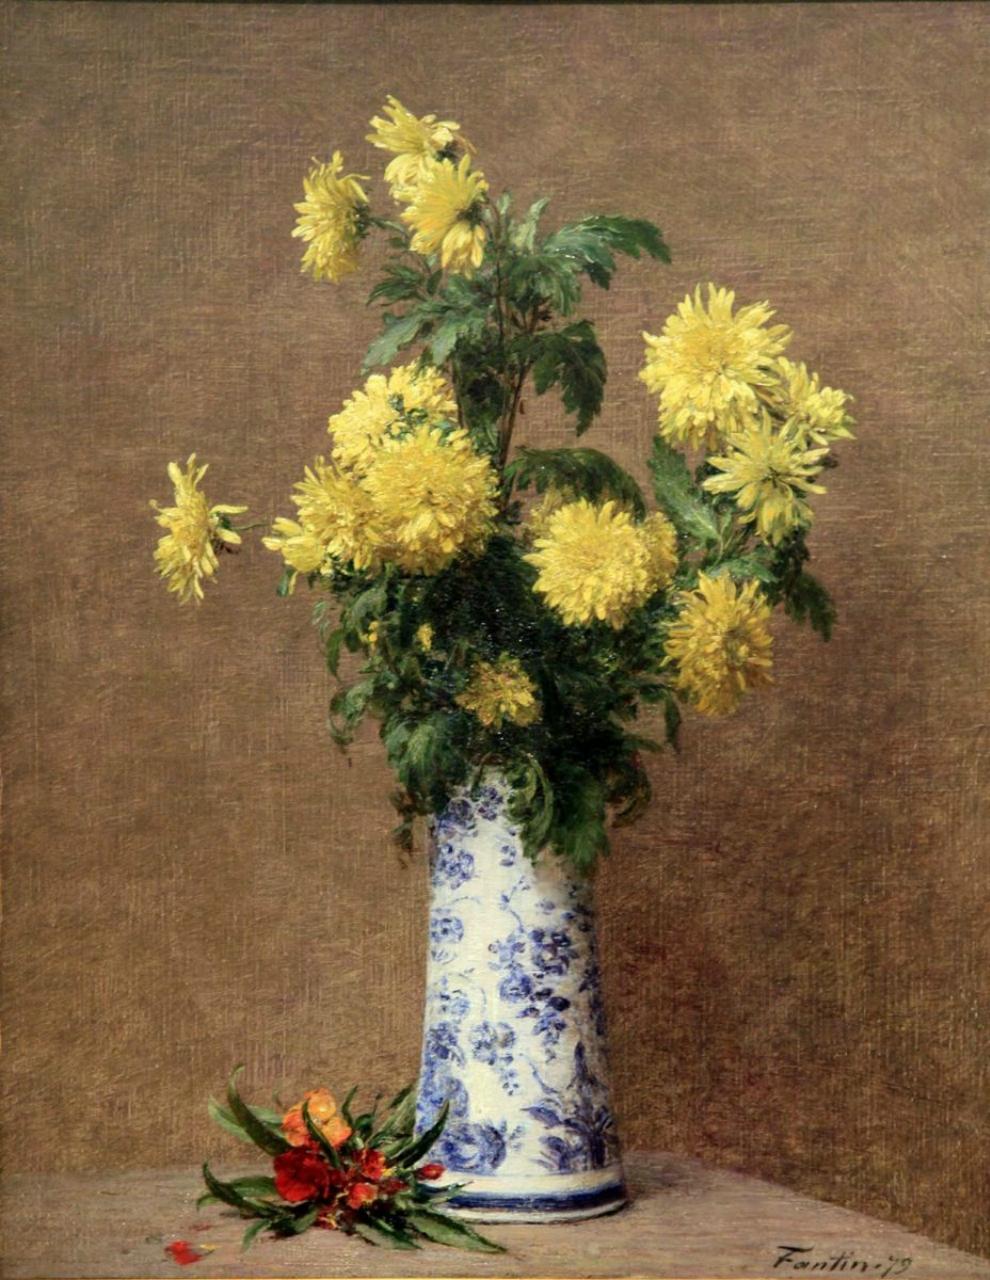 Анри Фантен-Латур. Желтые хризантемы.